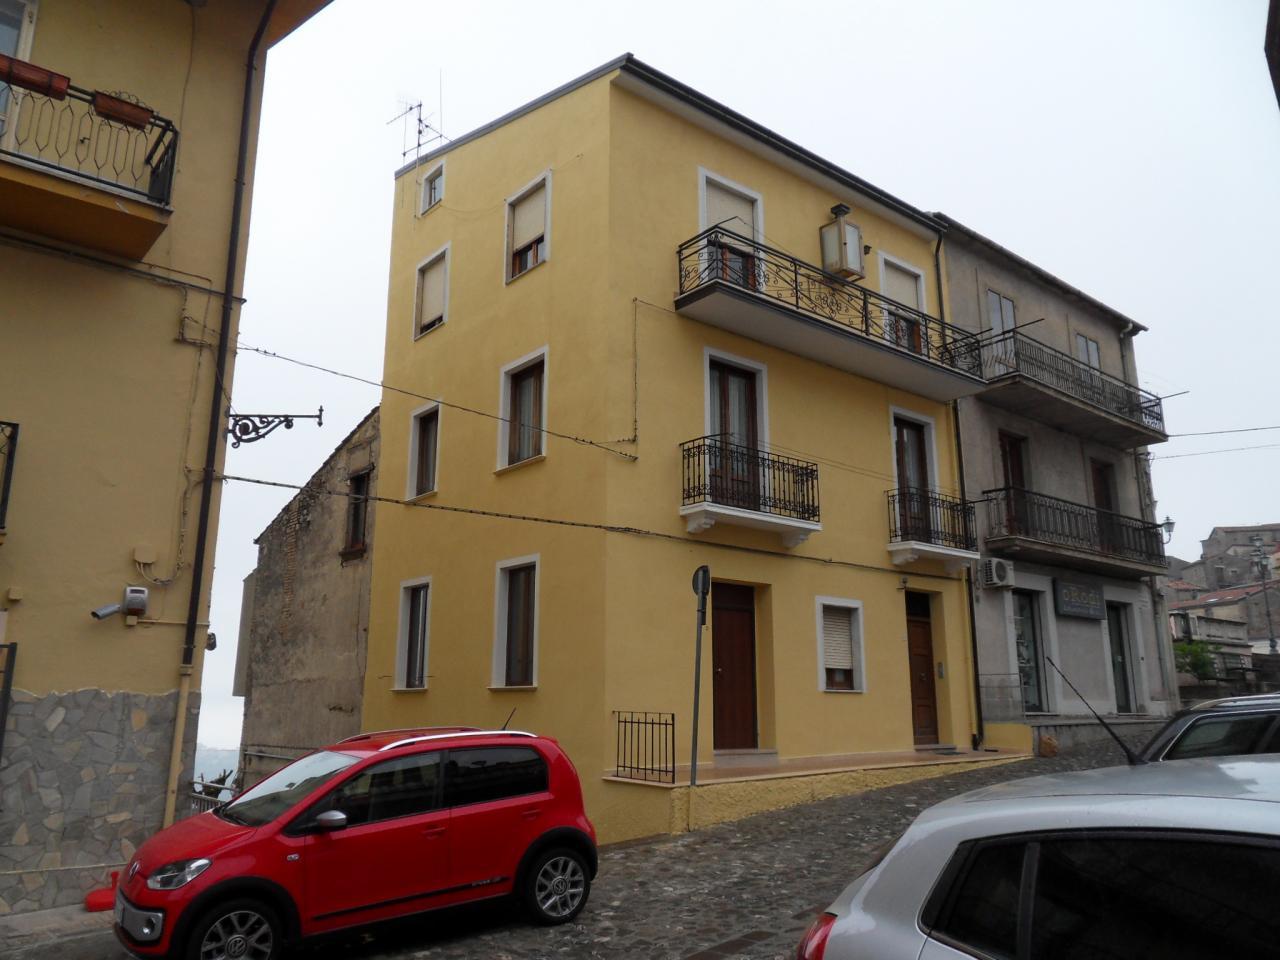 Appartamento in vendita a Spezzano della Sila, 4 locali, prezzo € 25.000 | Cambio Casa.it